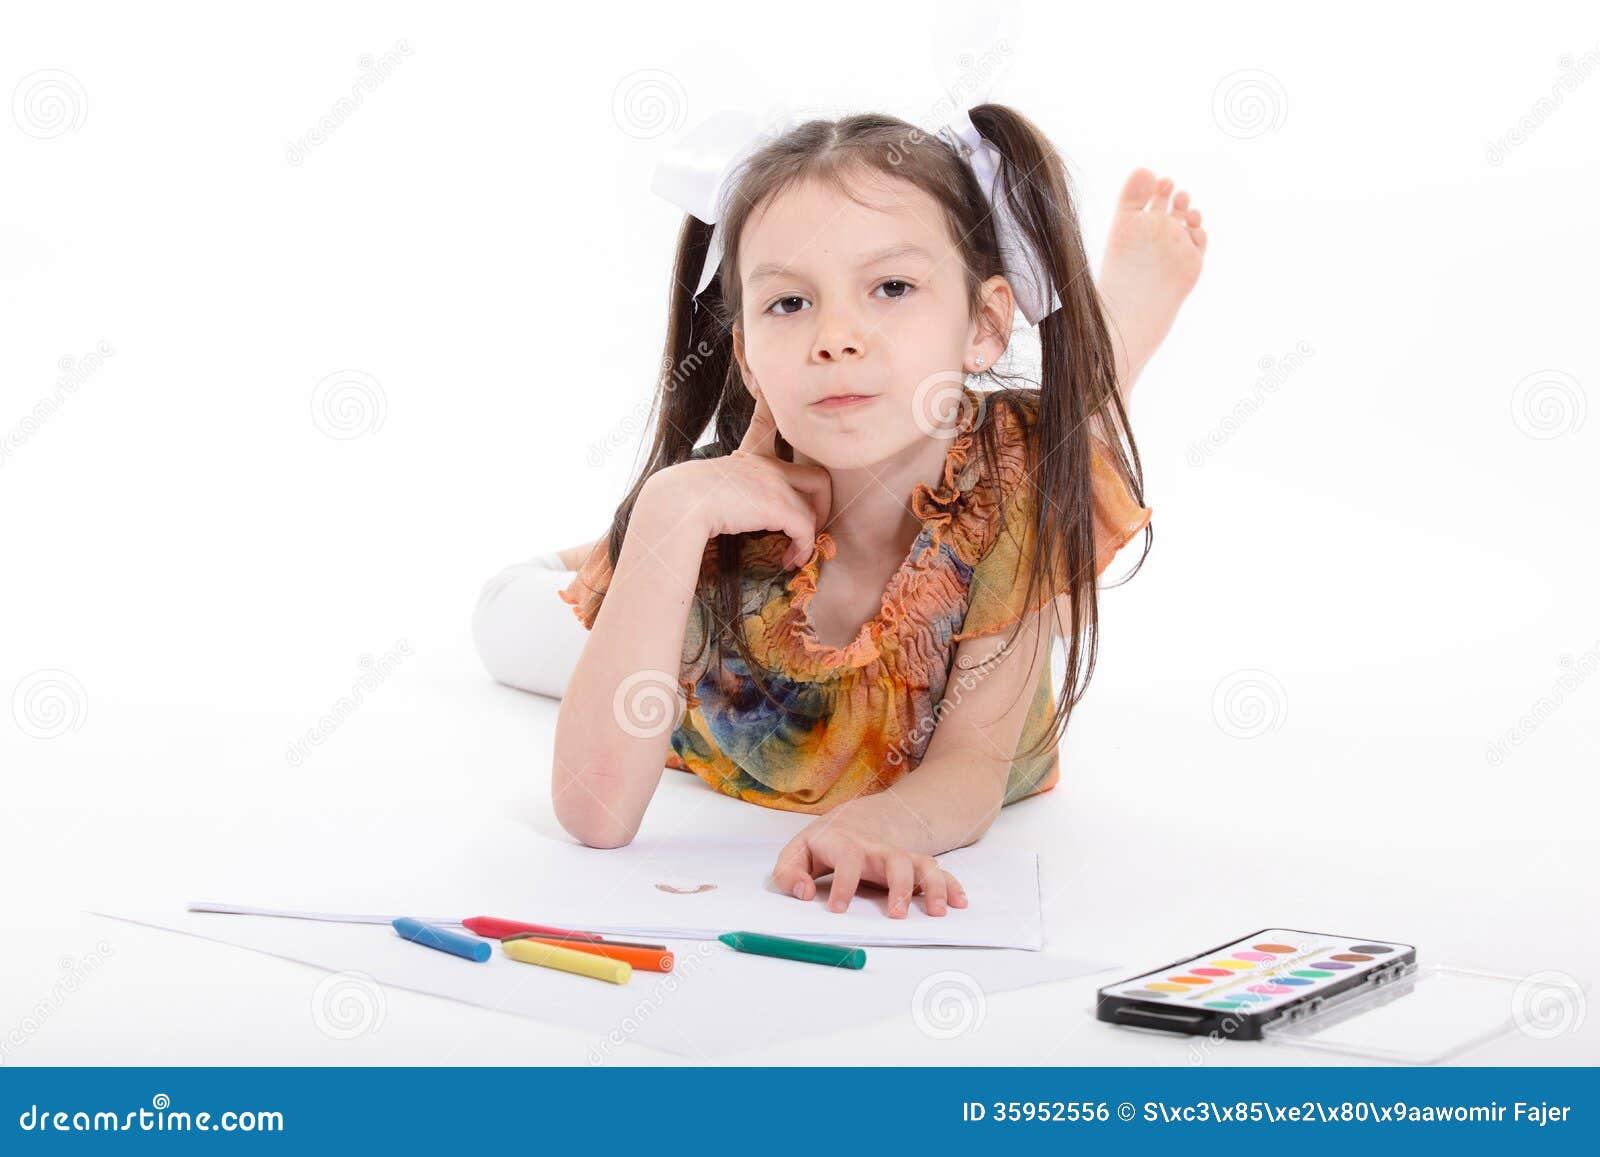 Dibujo de la niña